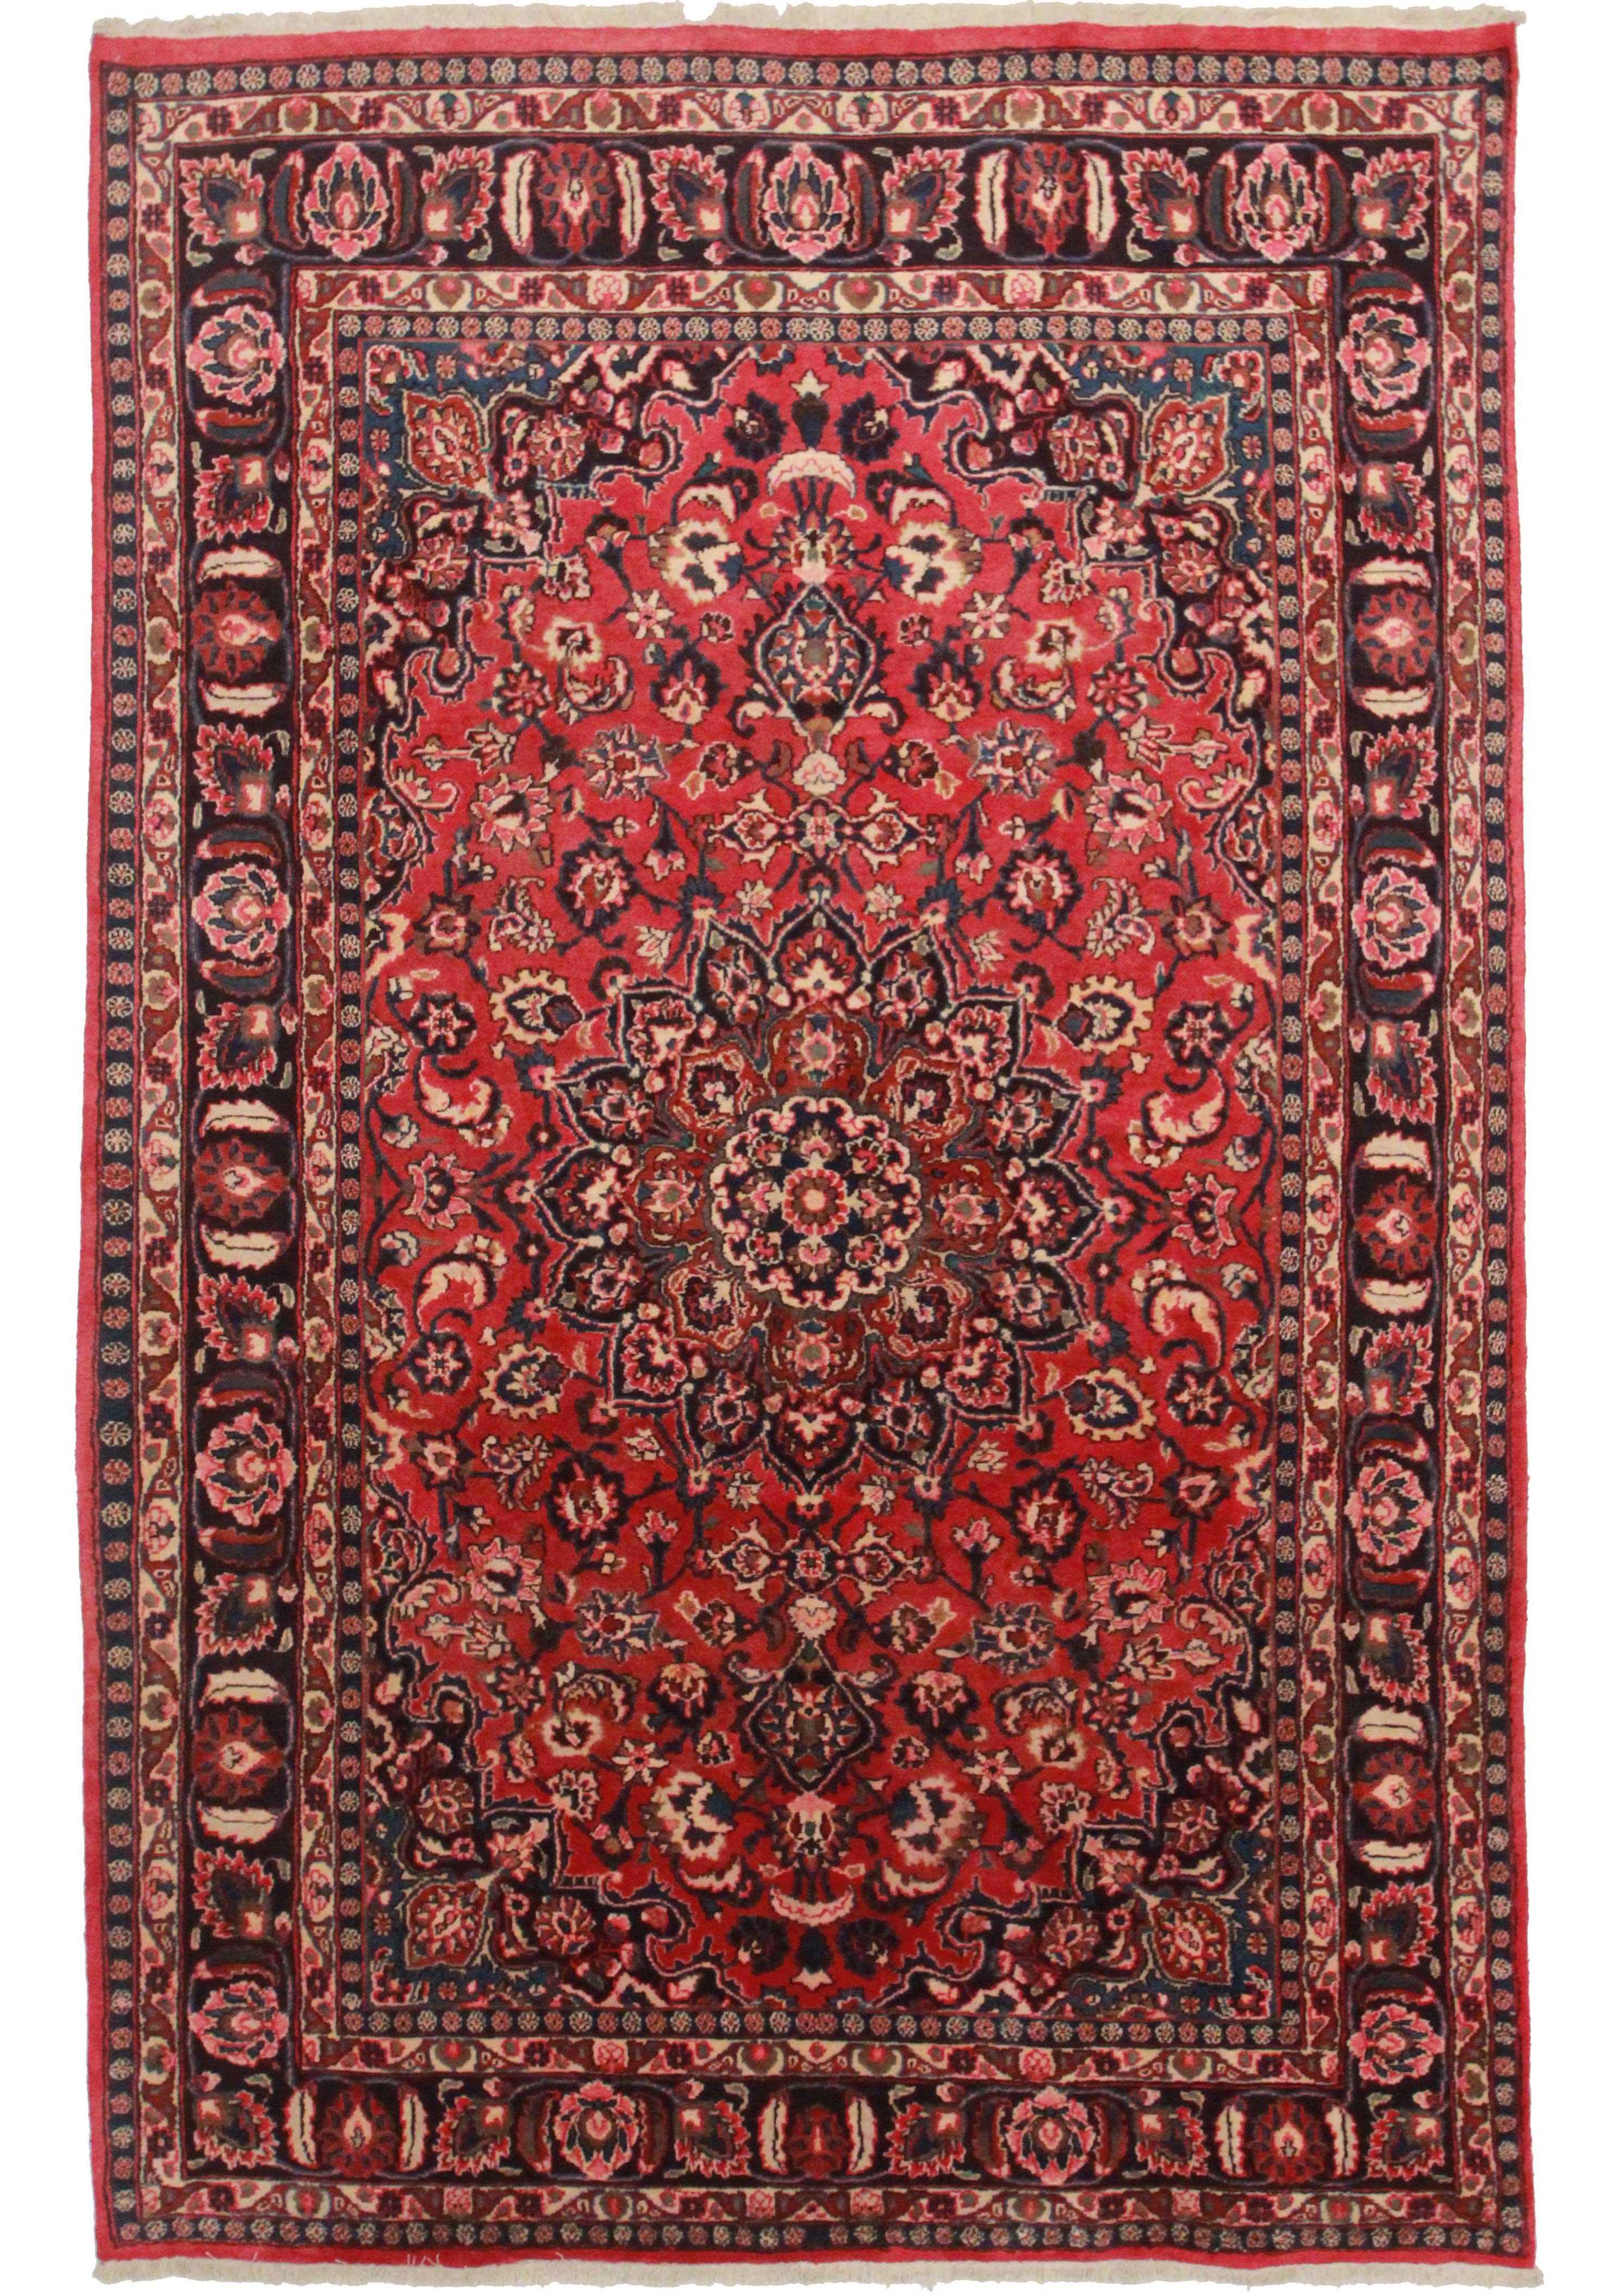 6 X 10 Antique Persian Mashad Rug 12111 Exclusive